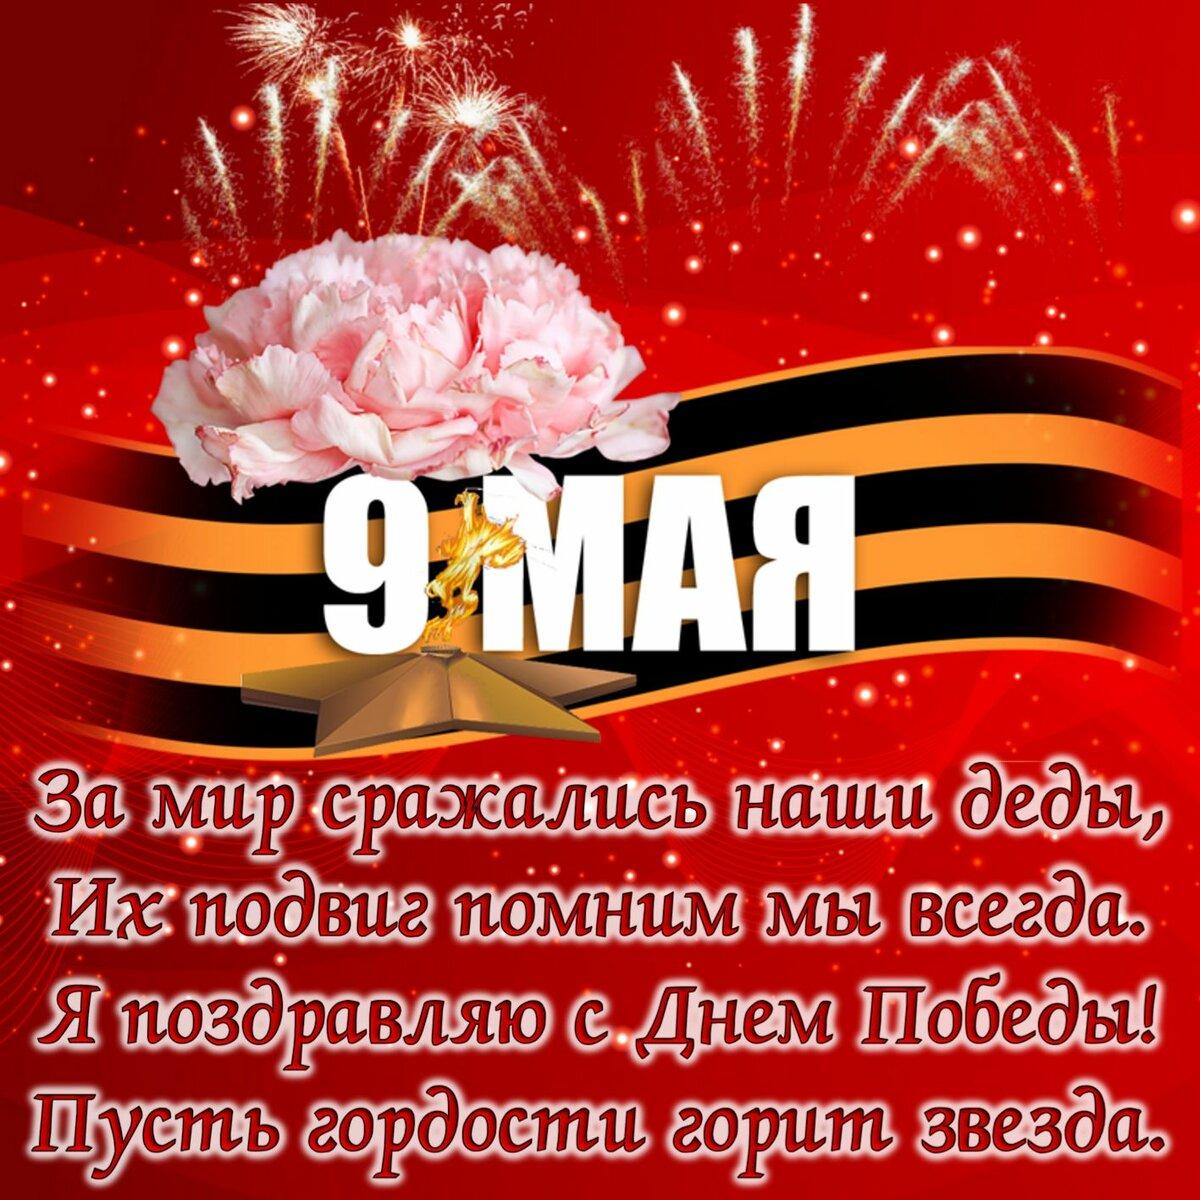 Поздравления 9 мая день победы смс